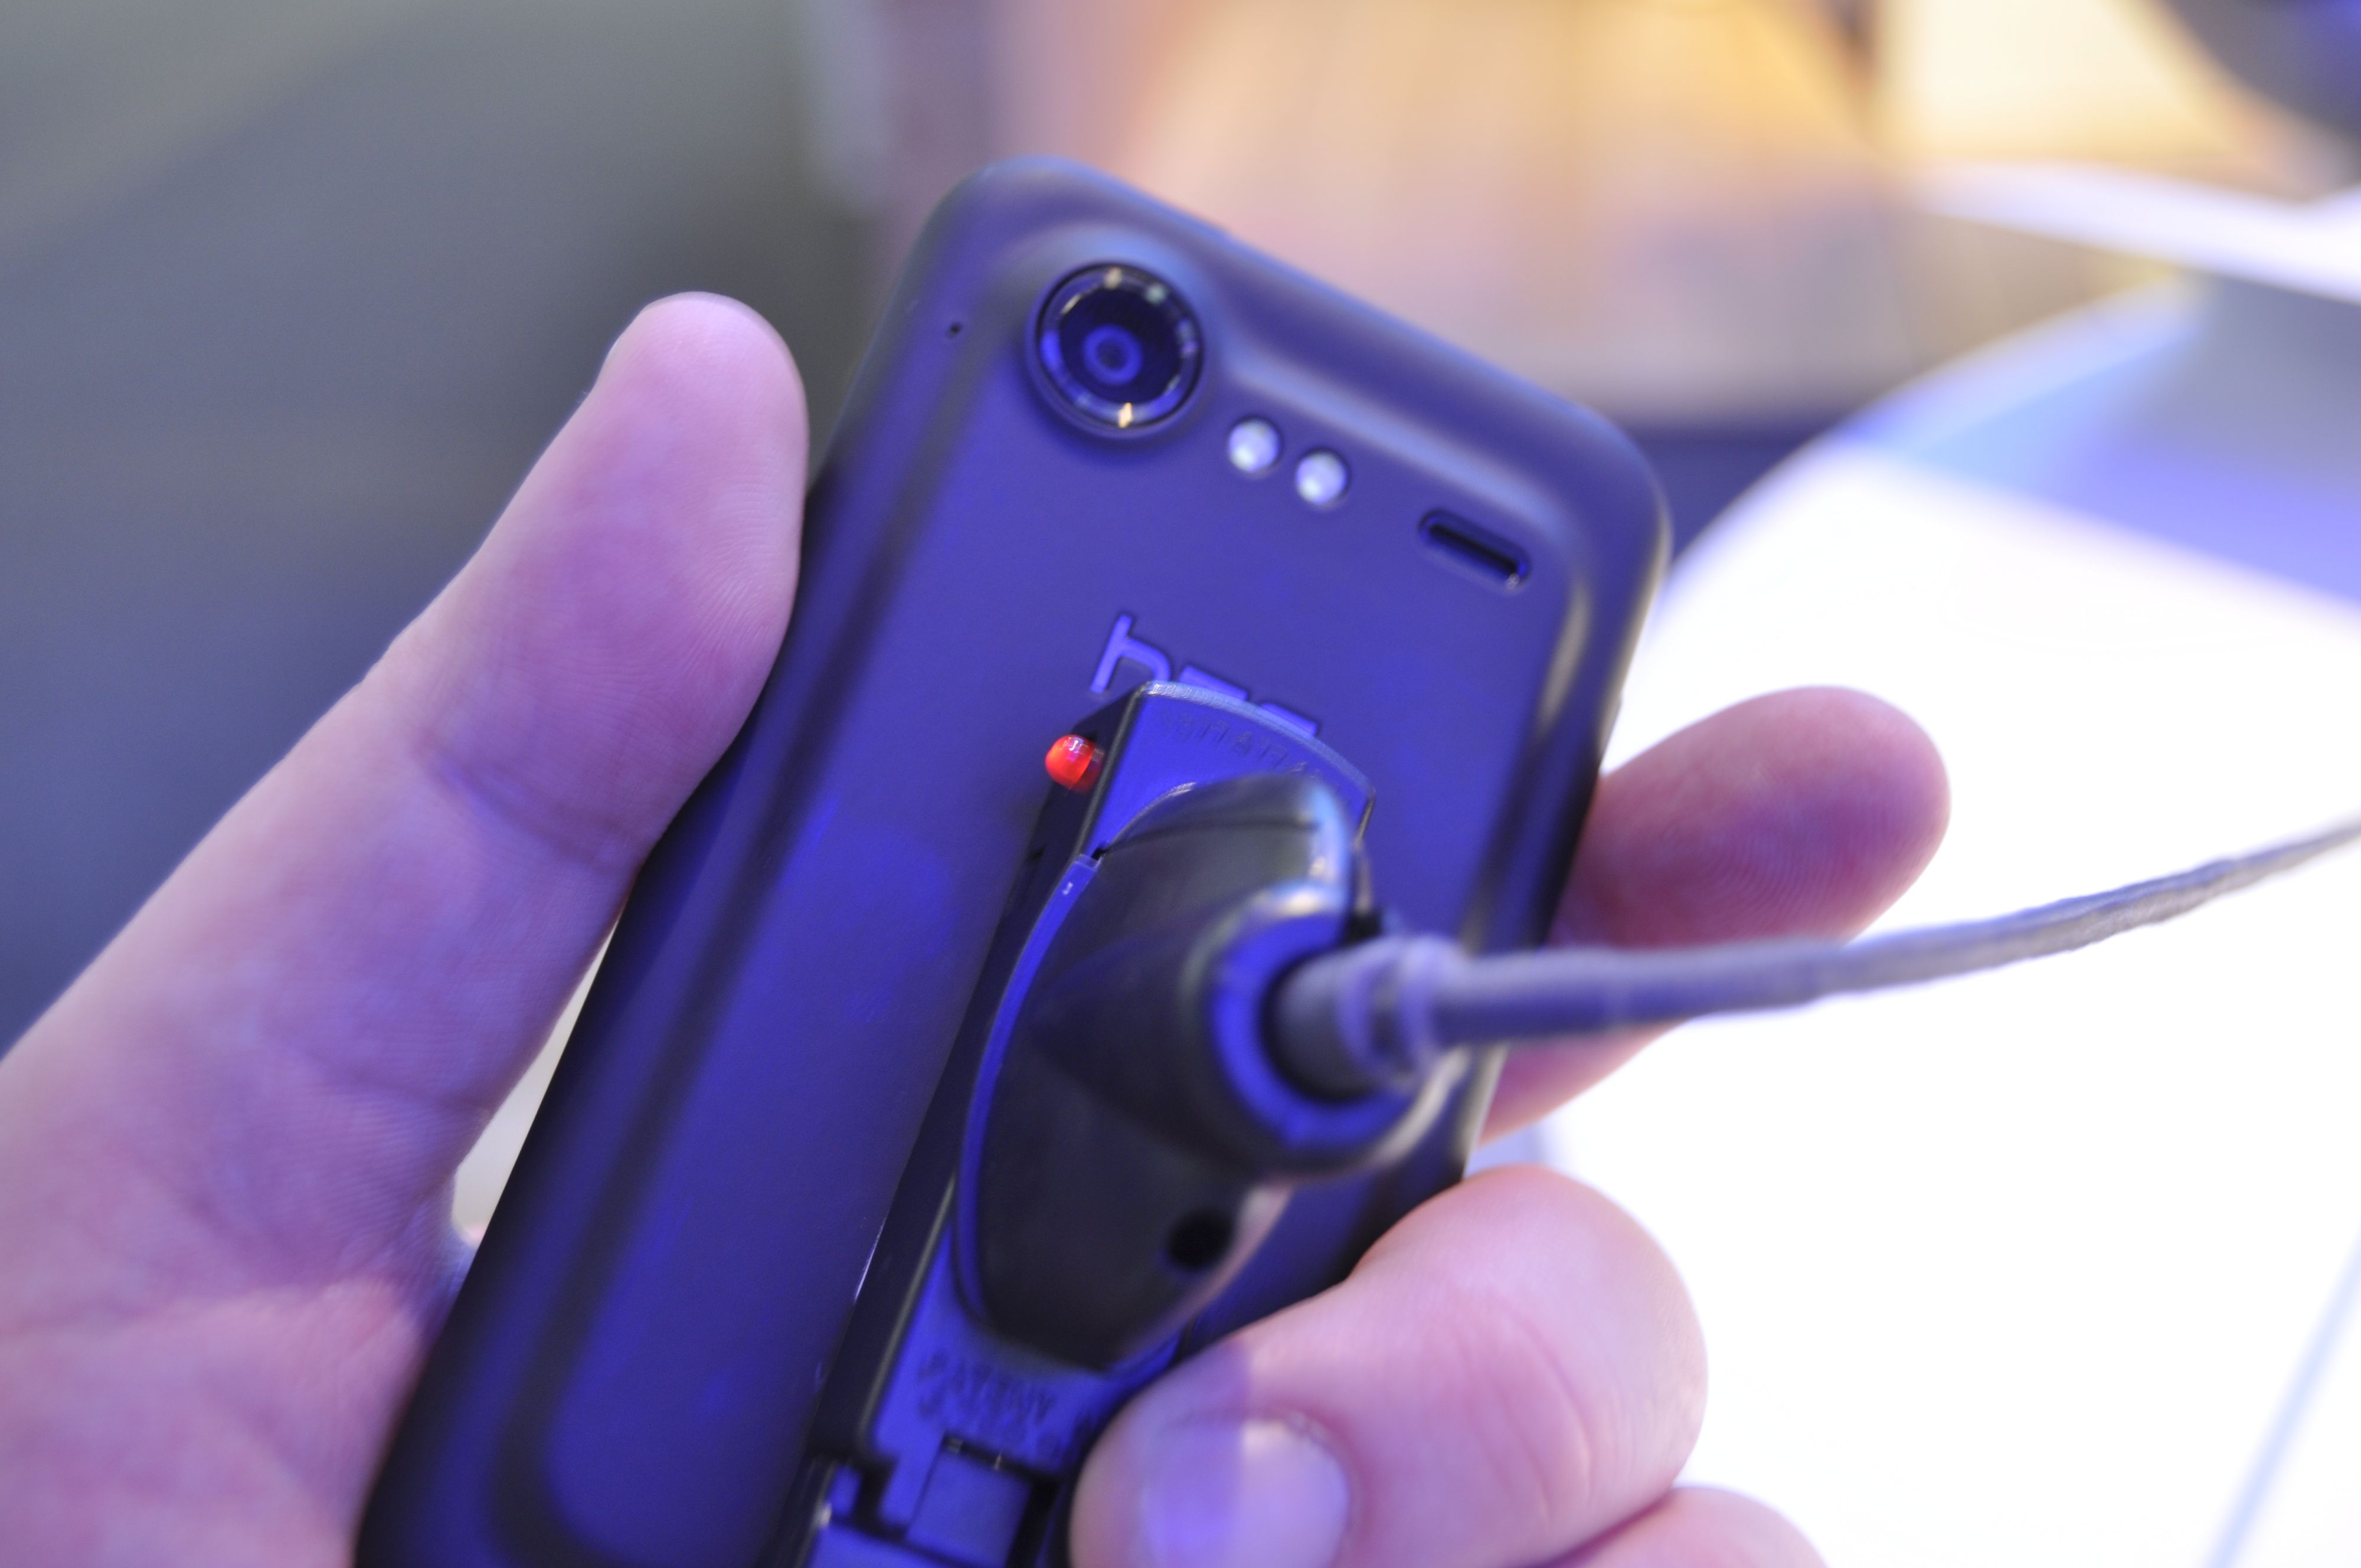 Incredible S har ikke HTCs unibody-konstruksjon. I stedet har den et spesielt designet bakdeksel i plast.